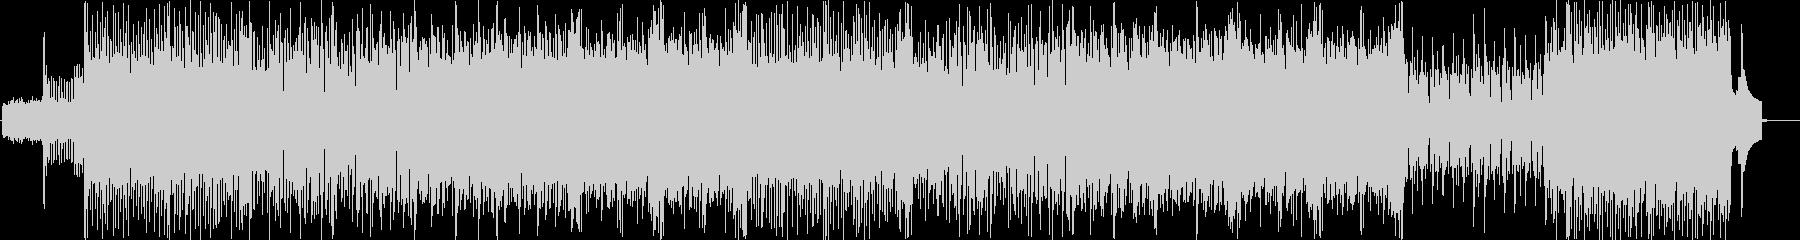 古い音源を使って創ってみました。の未再生の波形